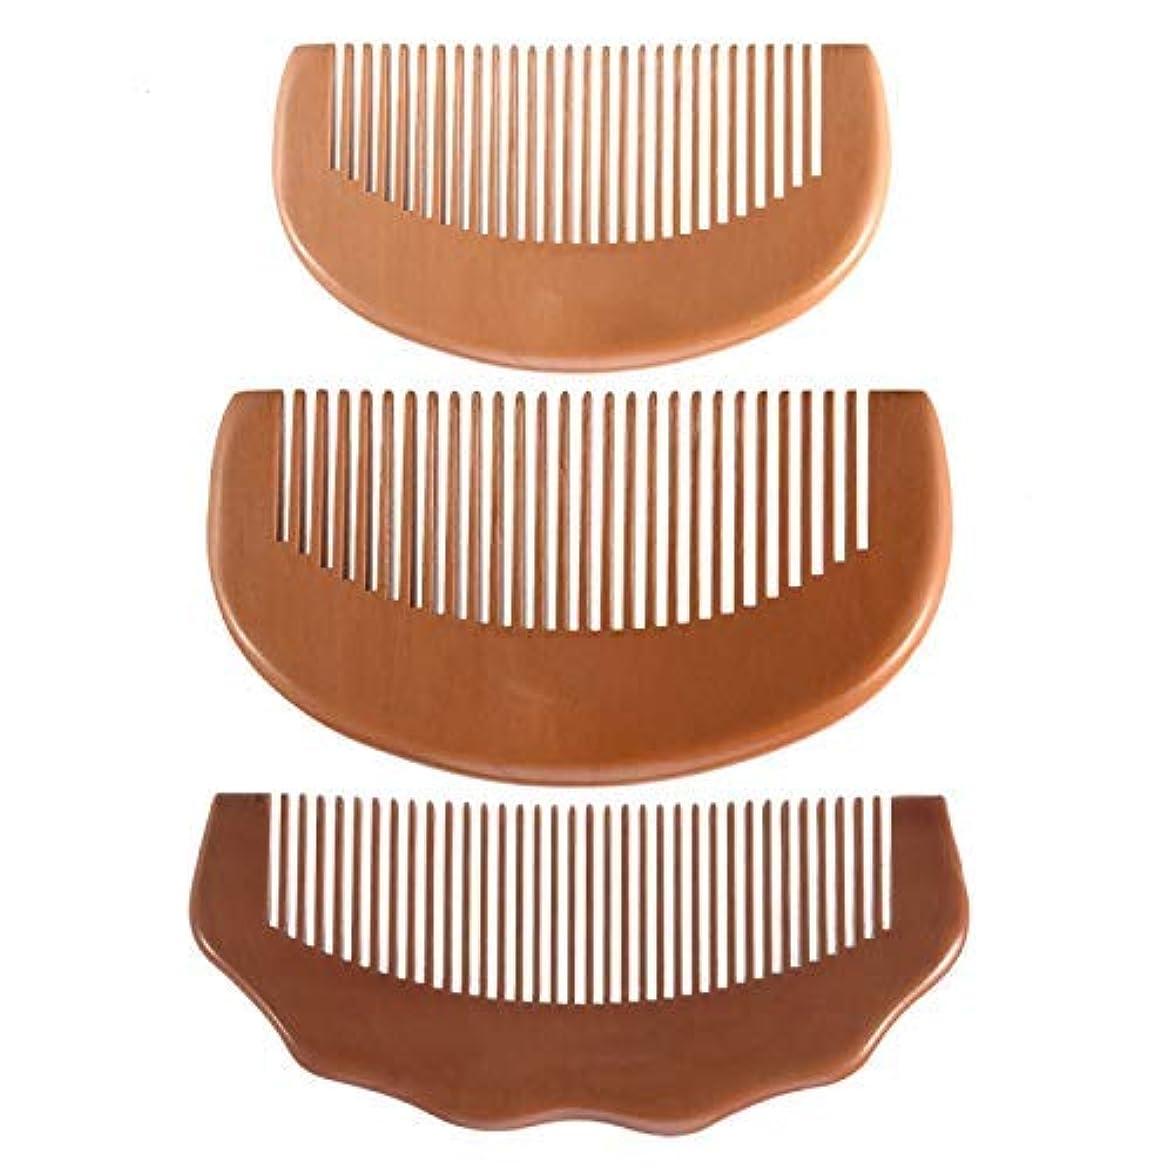 パシフィックすり減る性交Feeko Comb, Natural Anti Static Wooden Comb for Wrapping and Styling Wet Or Dry Curling Thick Wavy Or Straight Hair Small Pocket Size Suitable for Men and Women's Peach Wood Comb [並行輸入品]